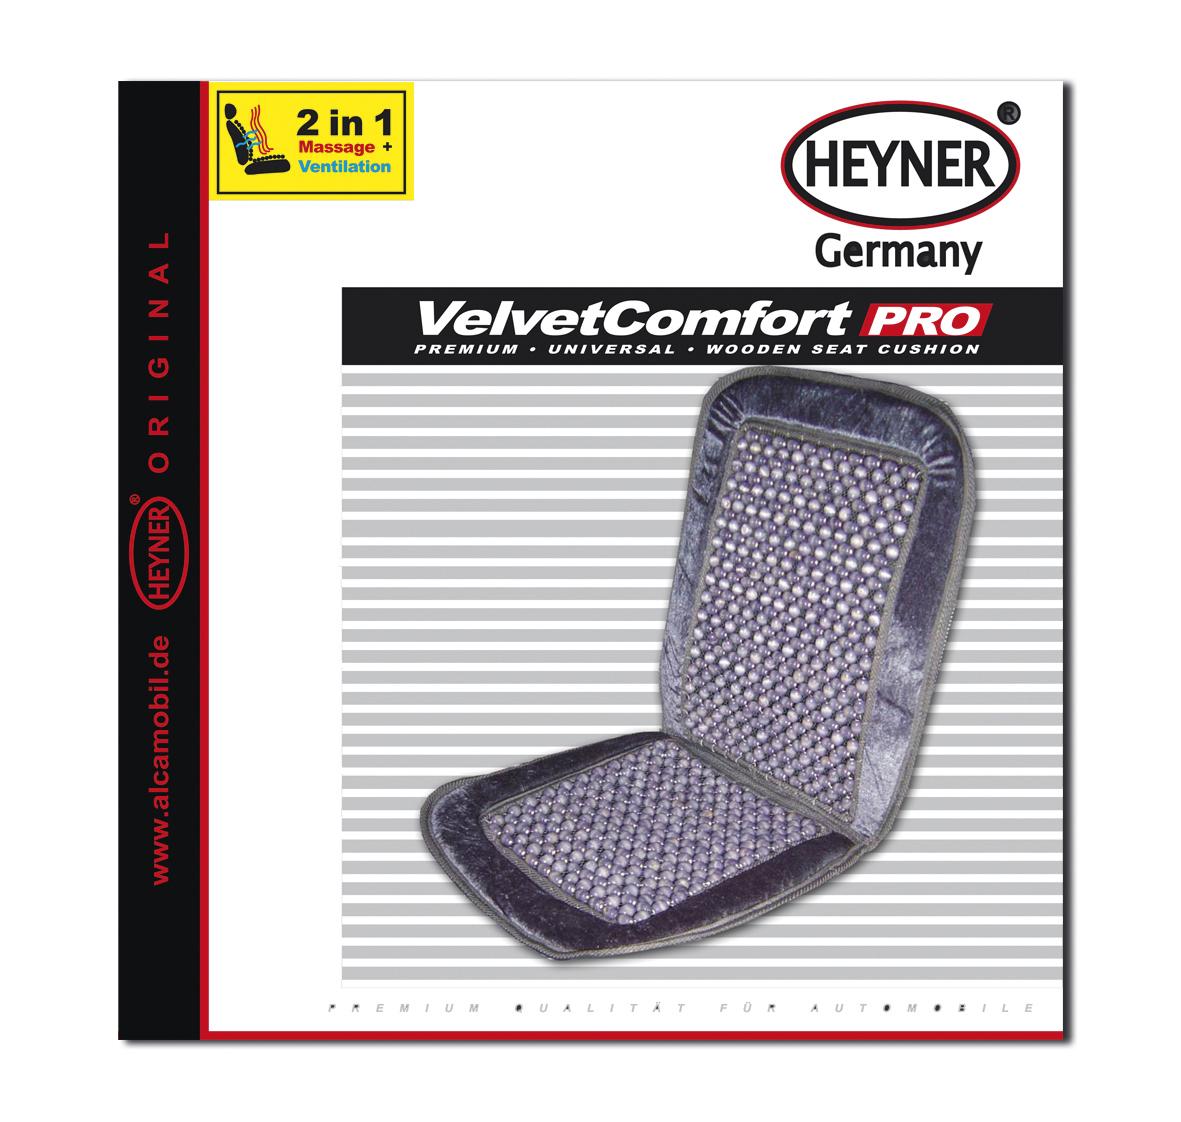 Накидка-массажер на сиденье Heyner, деревянные шарики, цвет: серый709000Накидка Heyner обеспечивает массаж и охлаждение для водителя и пассажиров посредством деревянных шариков. Быстро и просто устанавливается на сиденье. Накидка выполнена из велюра.